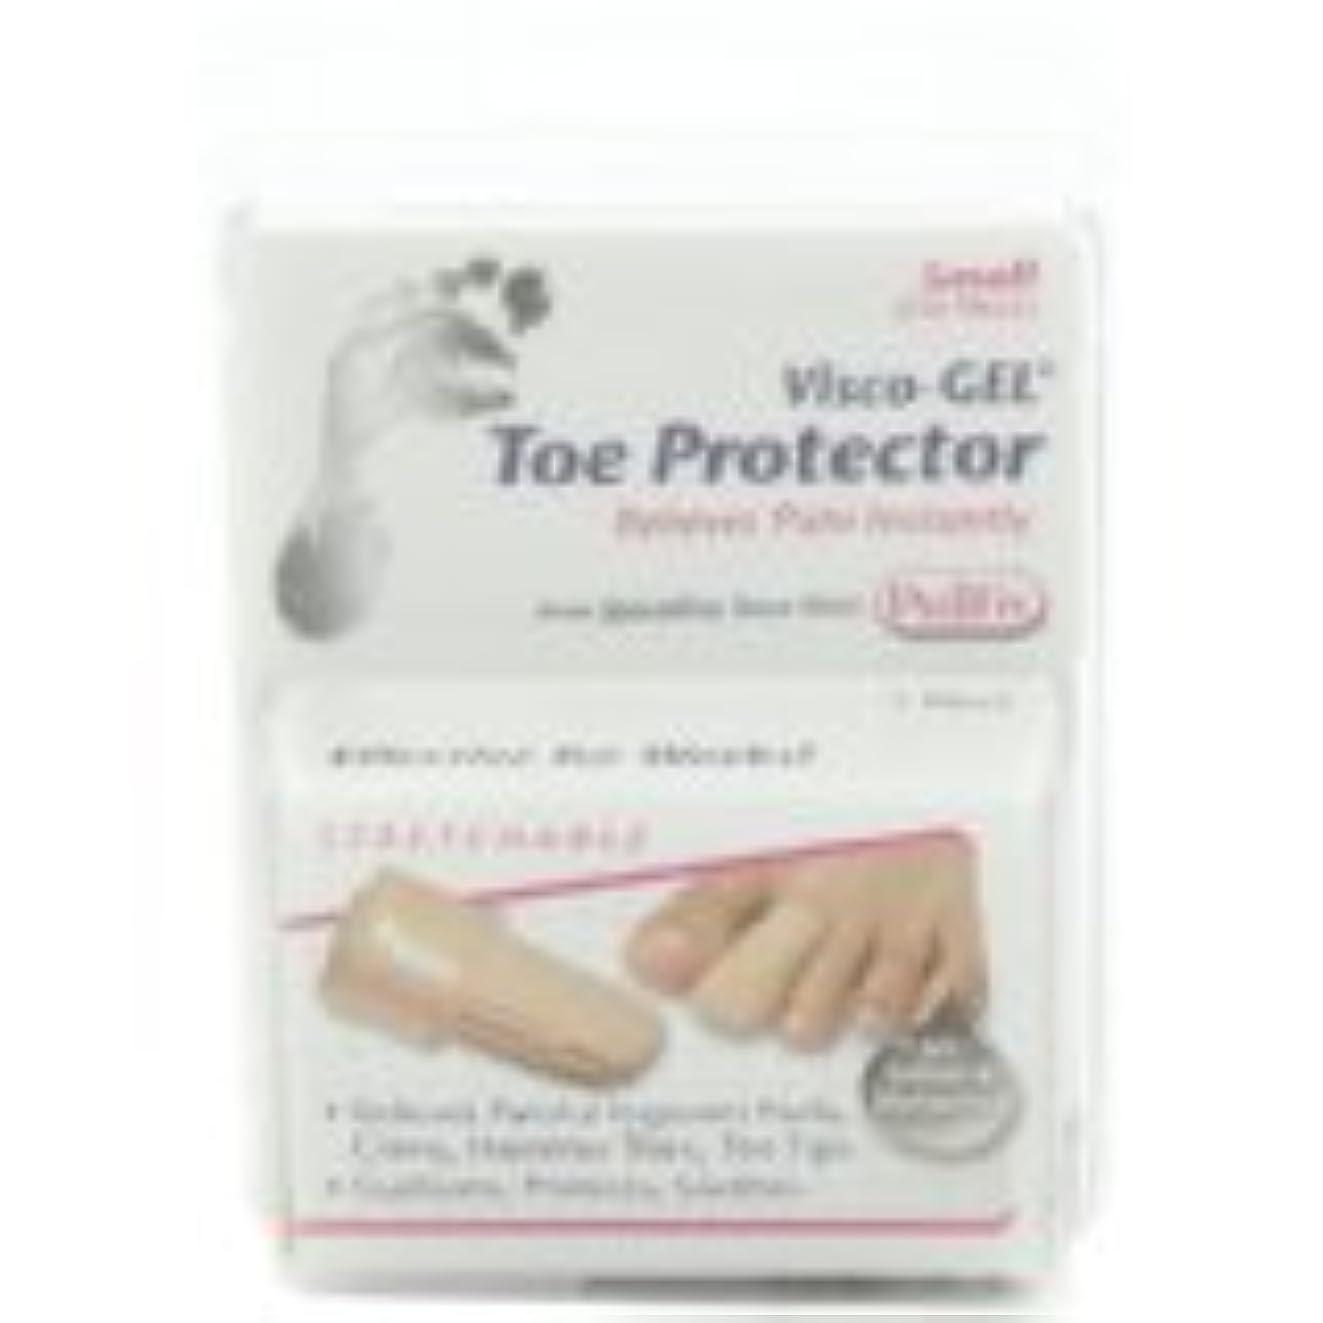 州誘発する石膏足指保護キャップ 伸縮性リブ織り生地製(P82-XL)